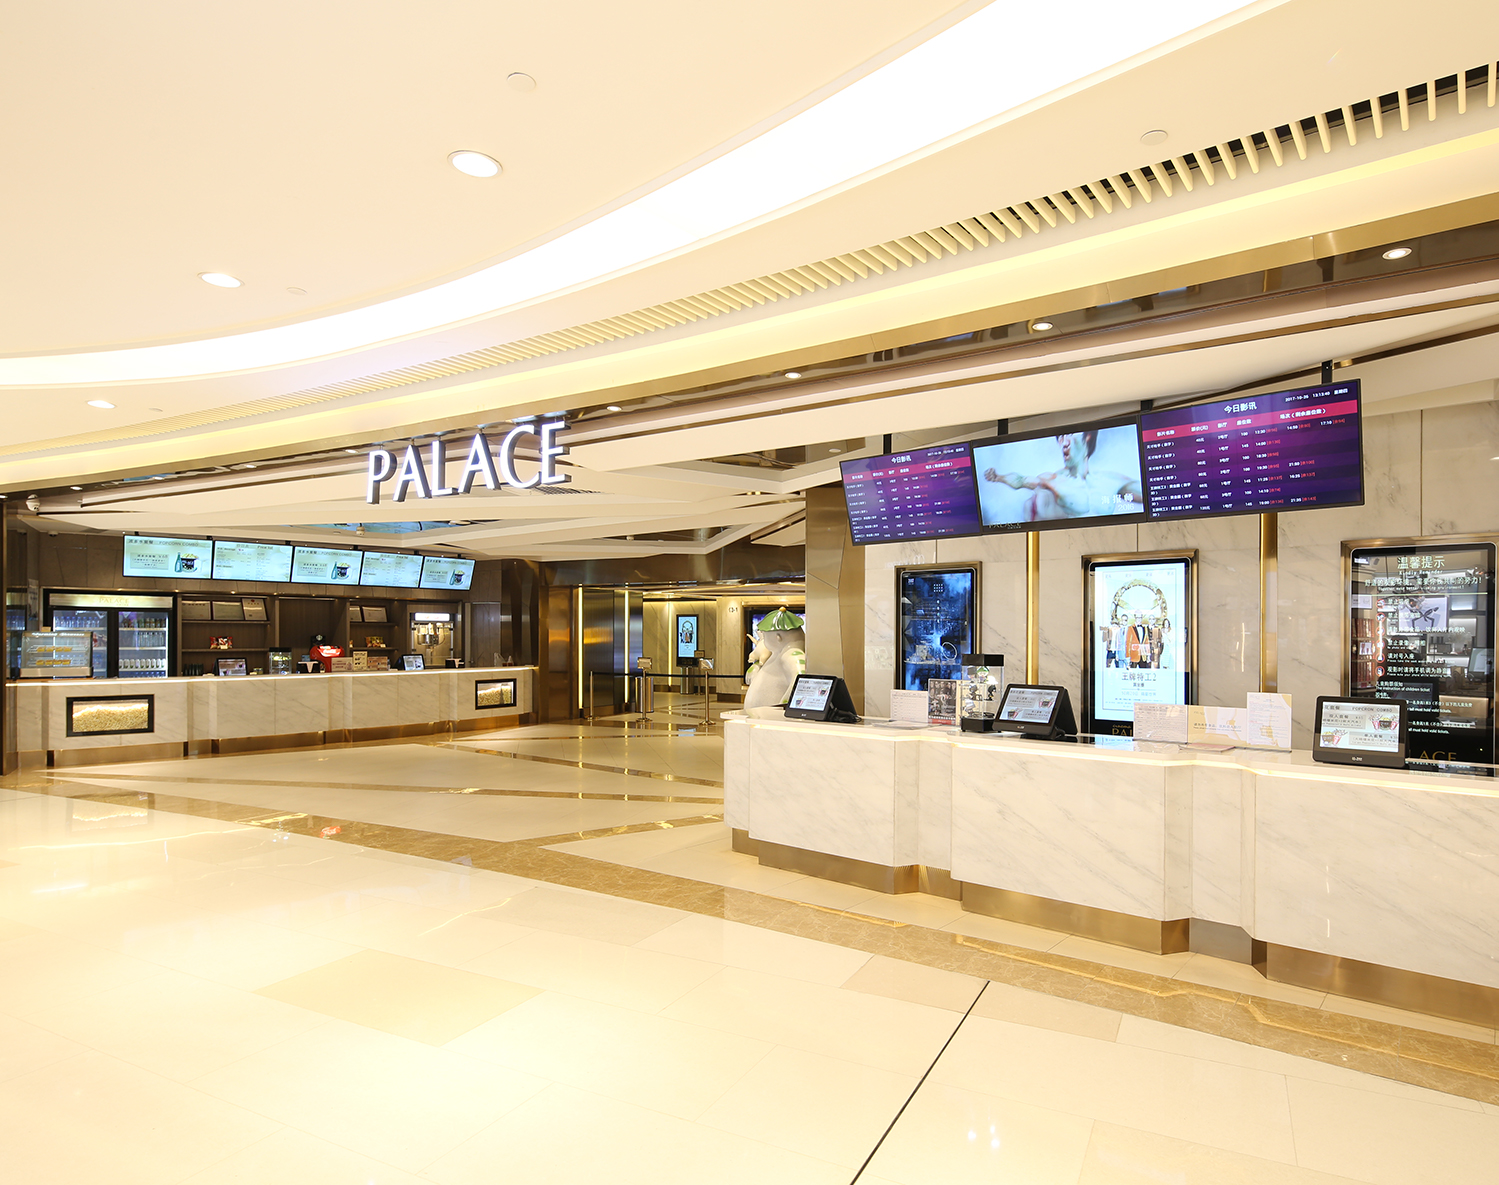 Image of PALACE CINEMA